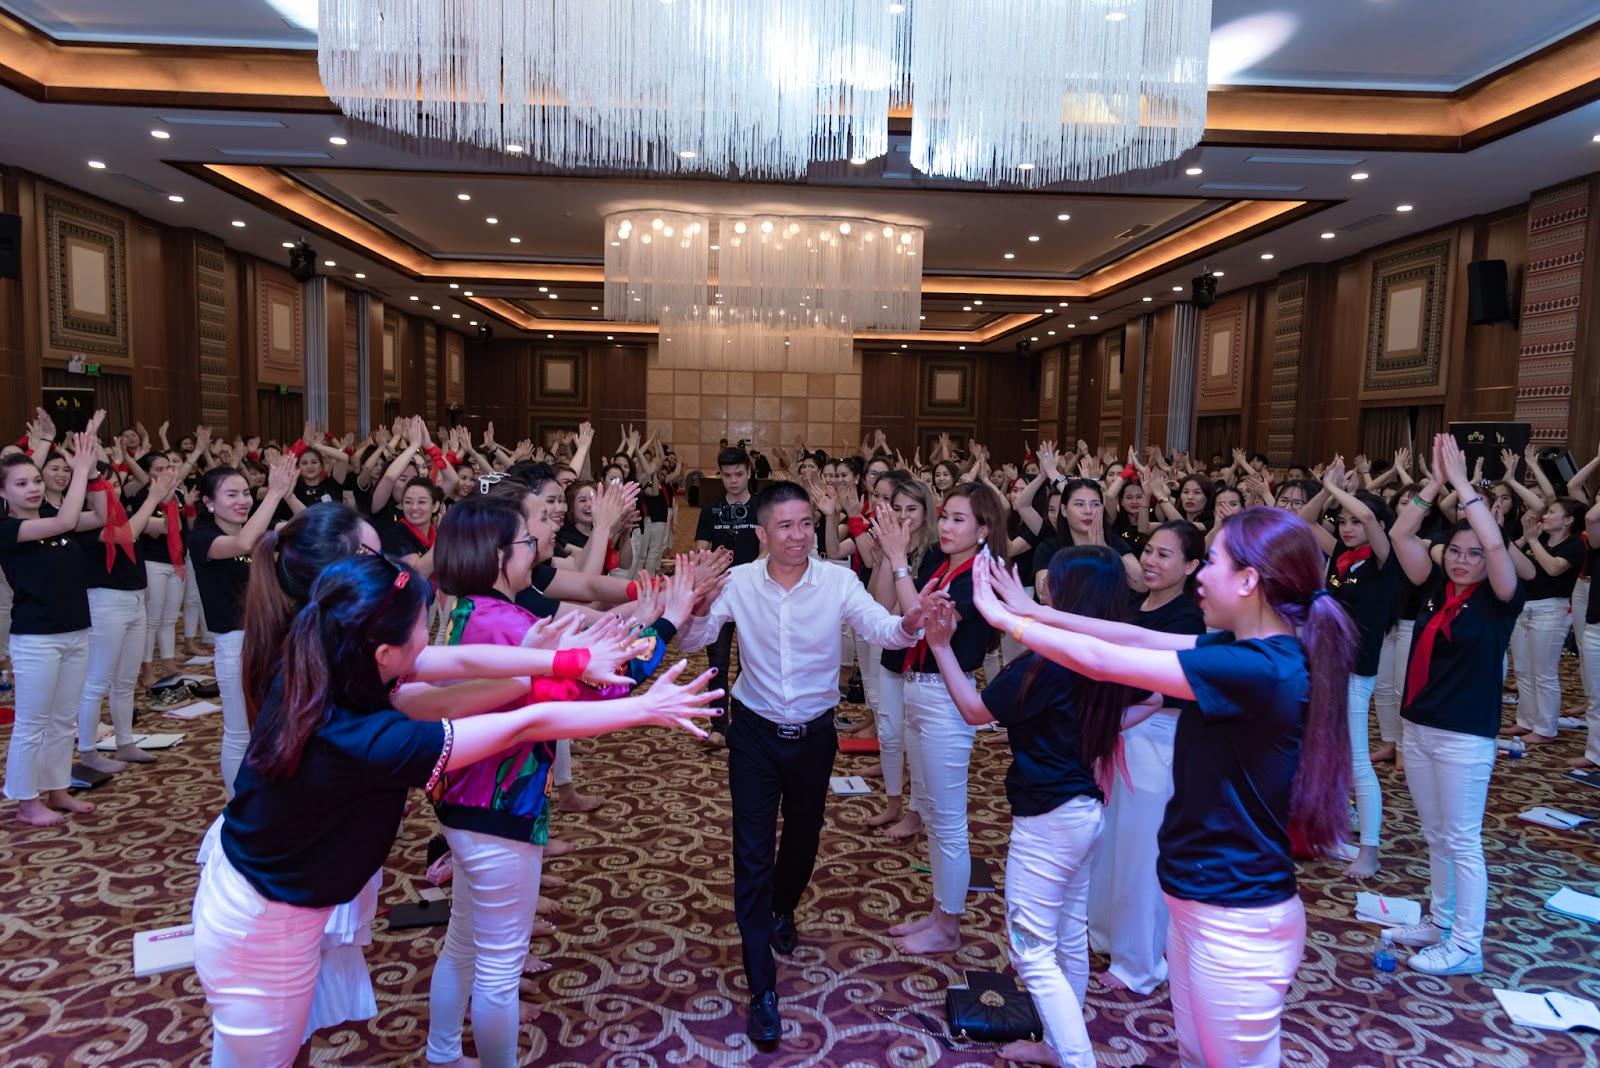 Nguyễn Thuấn - Huấn luyện viên tài ba truyền cảm hứng đến mọi người - Ảnh 6